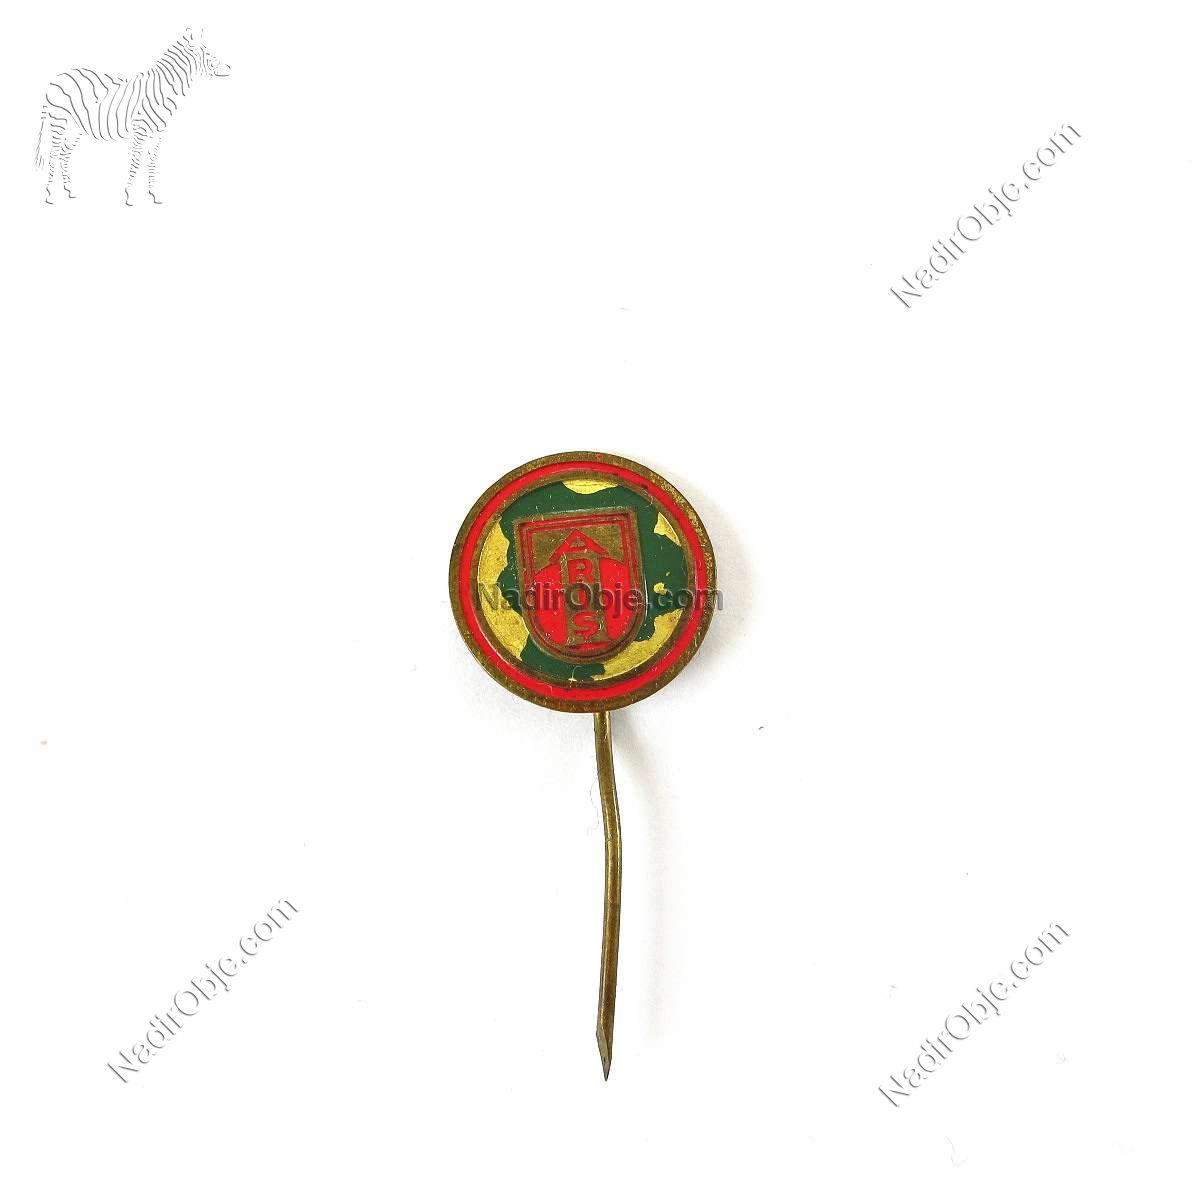 Tariş Rozet Metal Objeler Lapel Badge